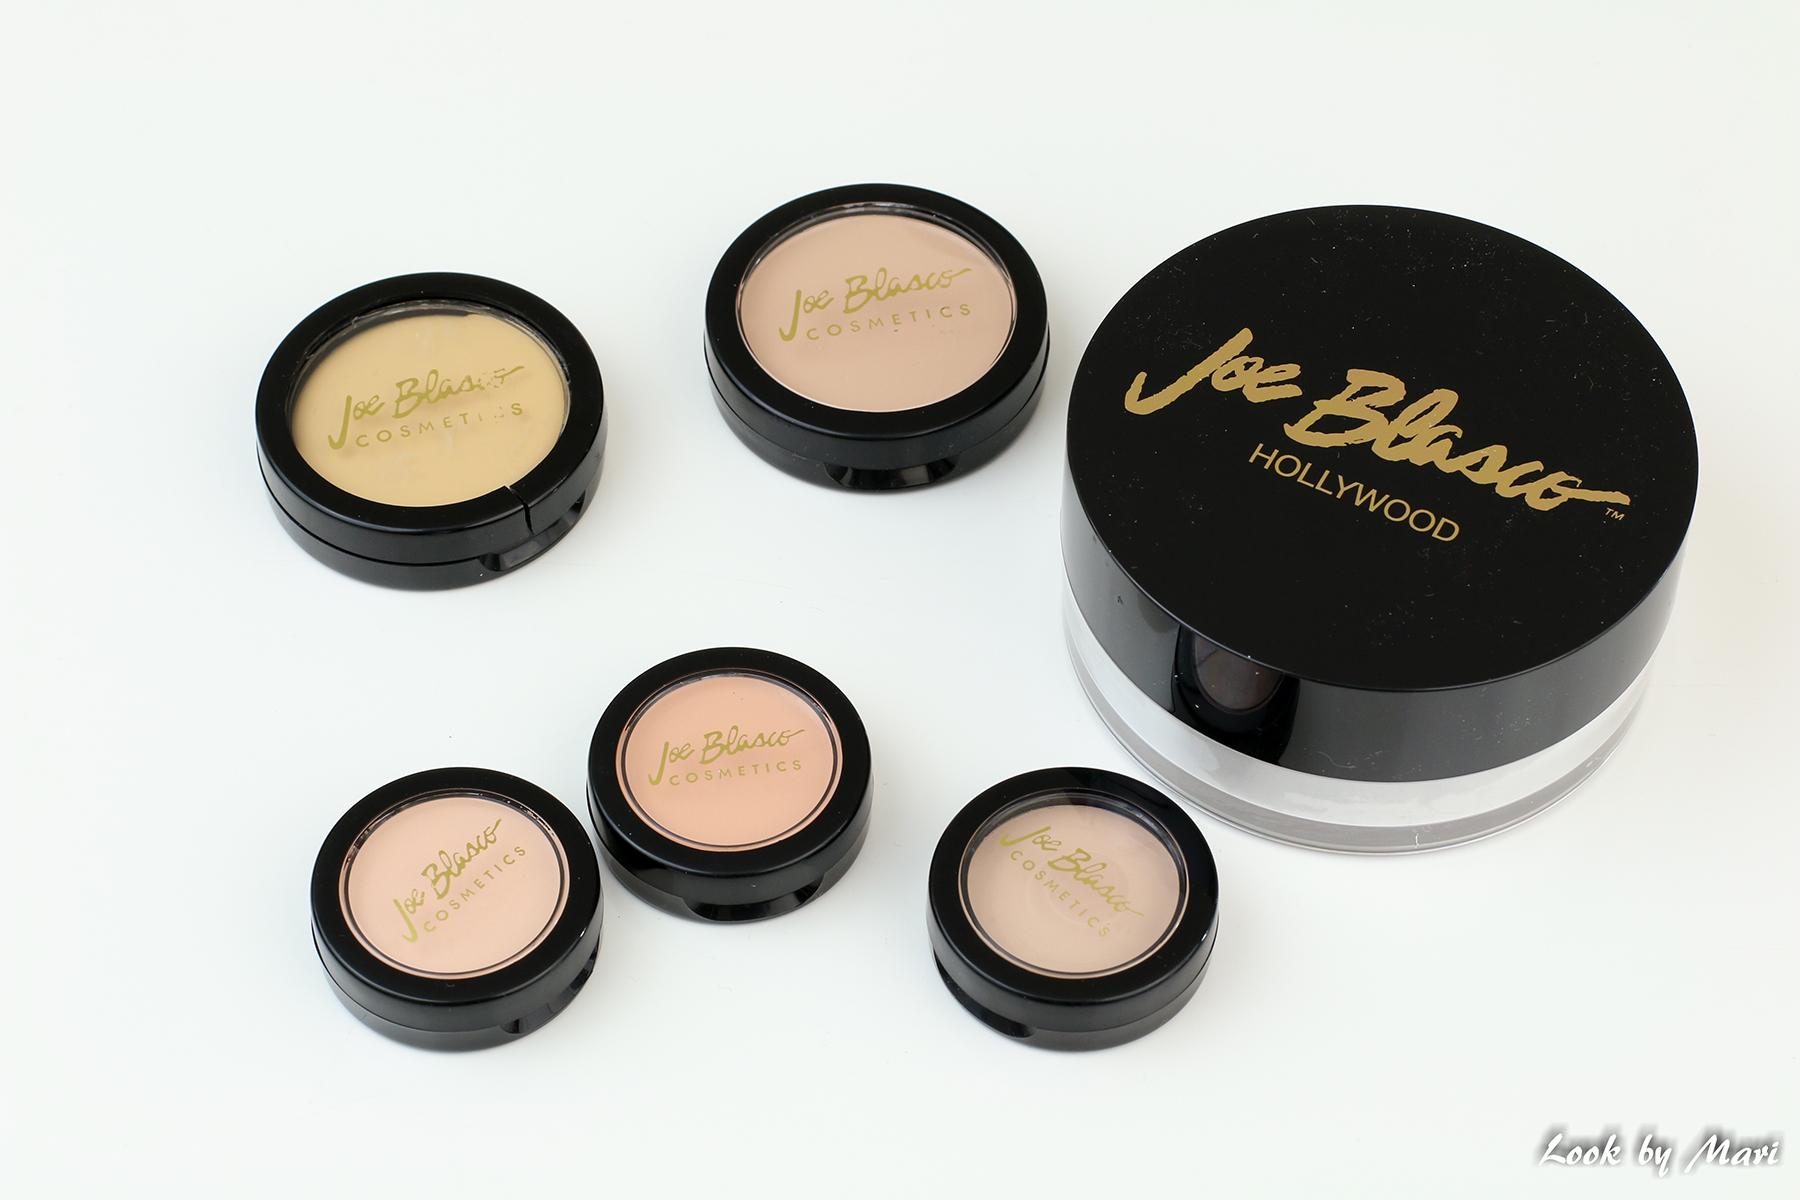 1 Joe Blasco meikit parhaat kokemuksia ultra base meikkivoide irtopuuteri